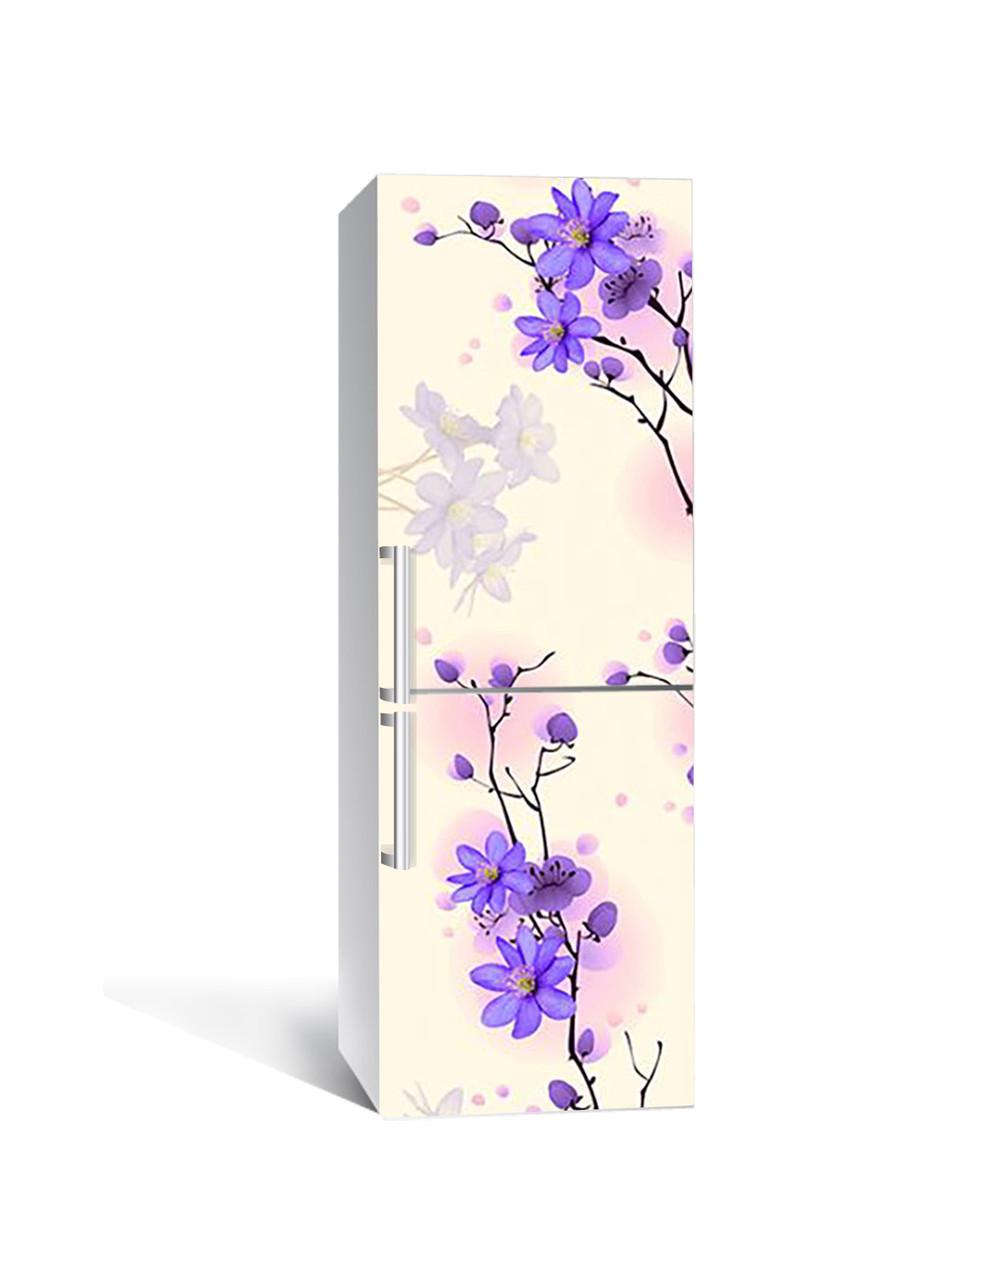 Виниловая 3Д наклейка на холодильник Фиолетовые цветы на ветке (ПВХ пленка самоклеющаяся) Бежевый 650*2000 мм